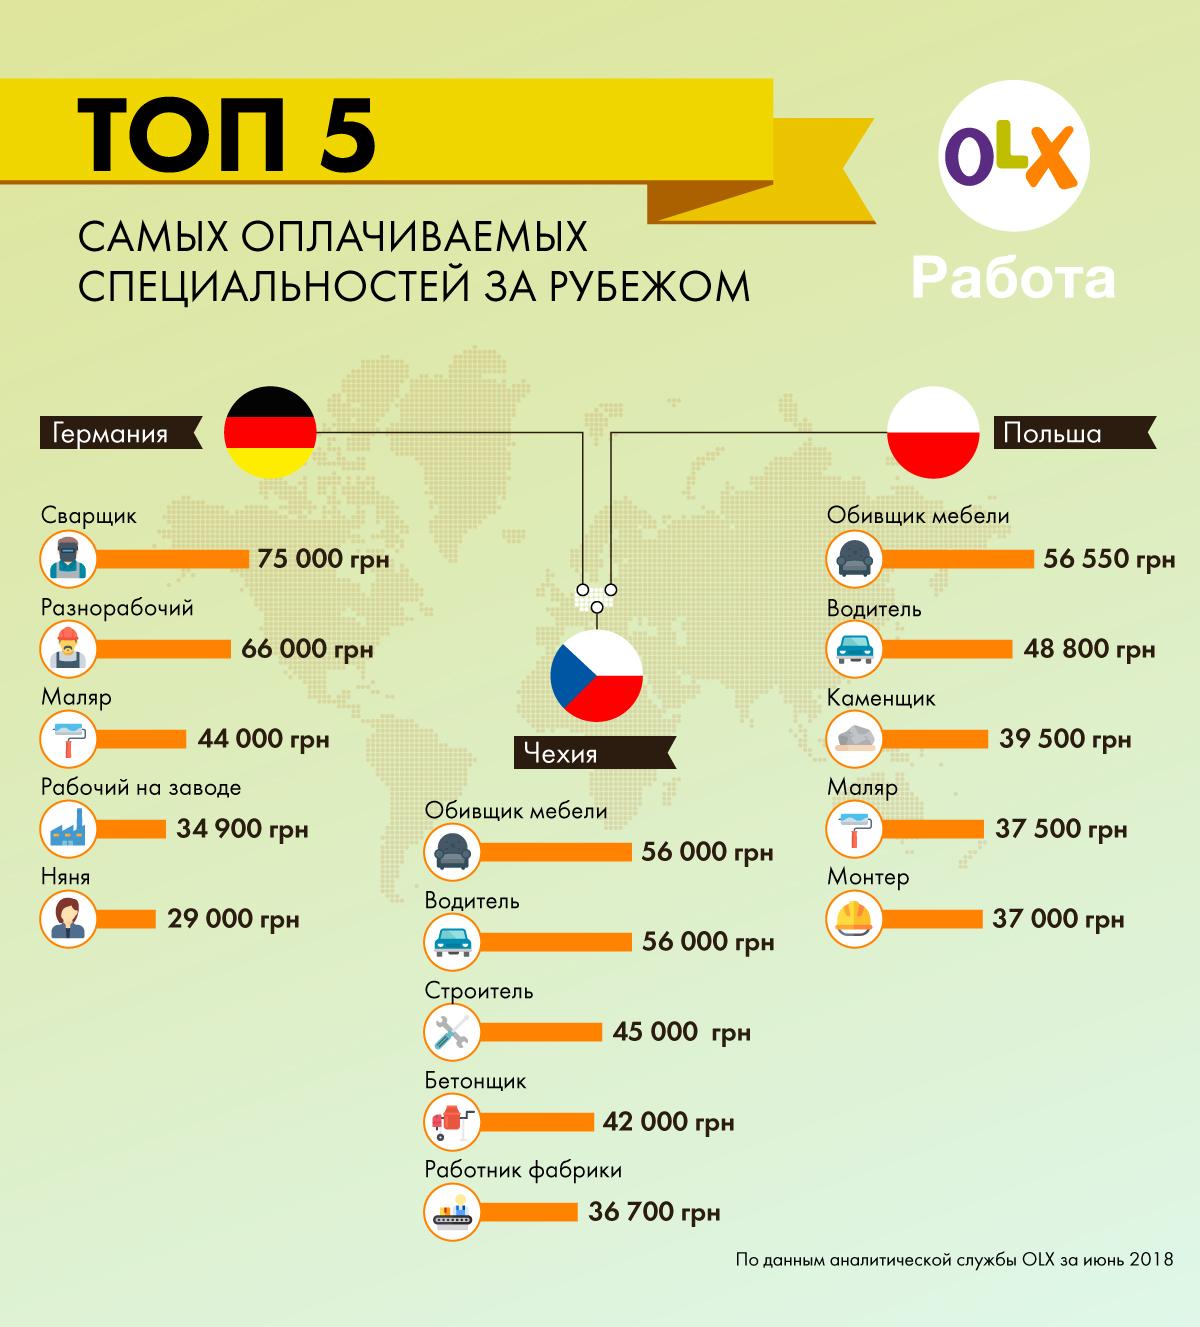 Работу украинцев за рубежом оценивают в 5, а то и в 7 раз выше, чем на родине